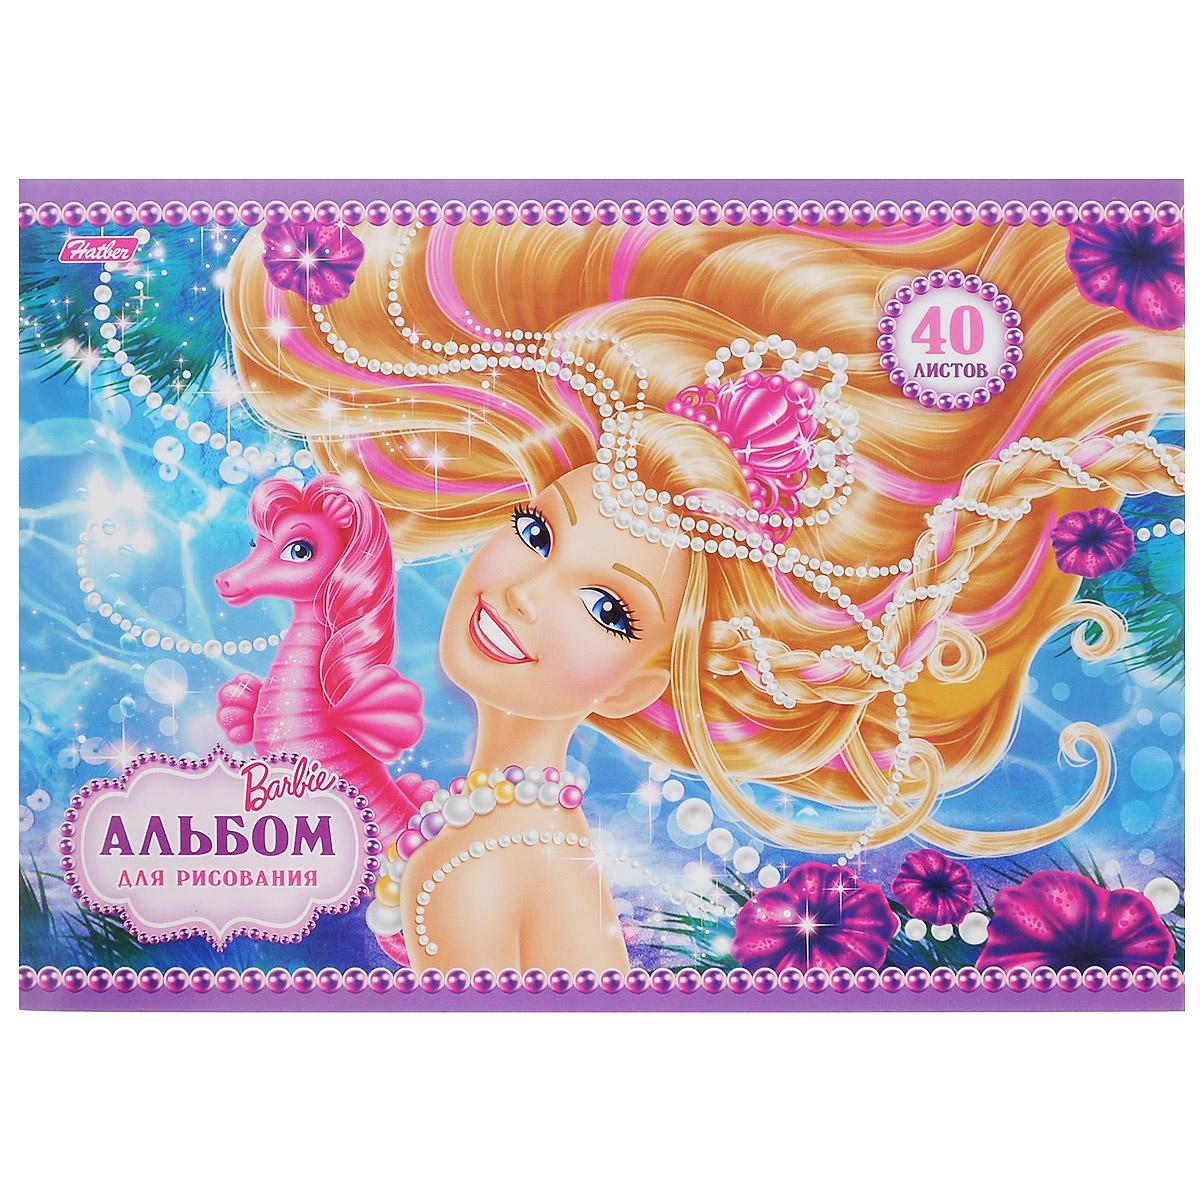 Альбом для рисования Hatber Barbie улыбается, 40 листов40А4B_12907Альбом для рисования Hatber Barbie улыбается непременно порадует маленького художника и вдохновит его на творчество. Альбом изготовлен из белоснежной офсетной бумаги с яркой обложкой из мелованного картона, оформленной изображением Барби. Высокое качество бумаги позволяет рисовать в альбоме карандашами, фломастерами, акварельными и гуашевыми красками. Рекомендуемый возраст: 0+.